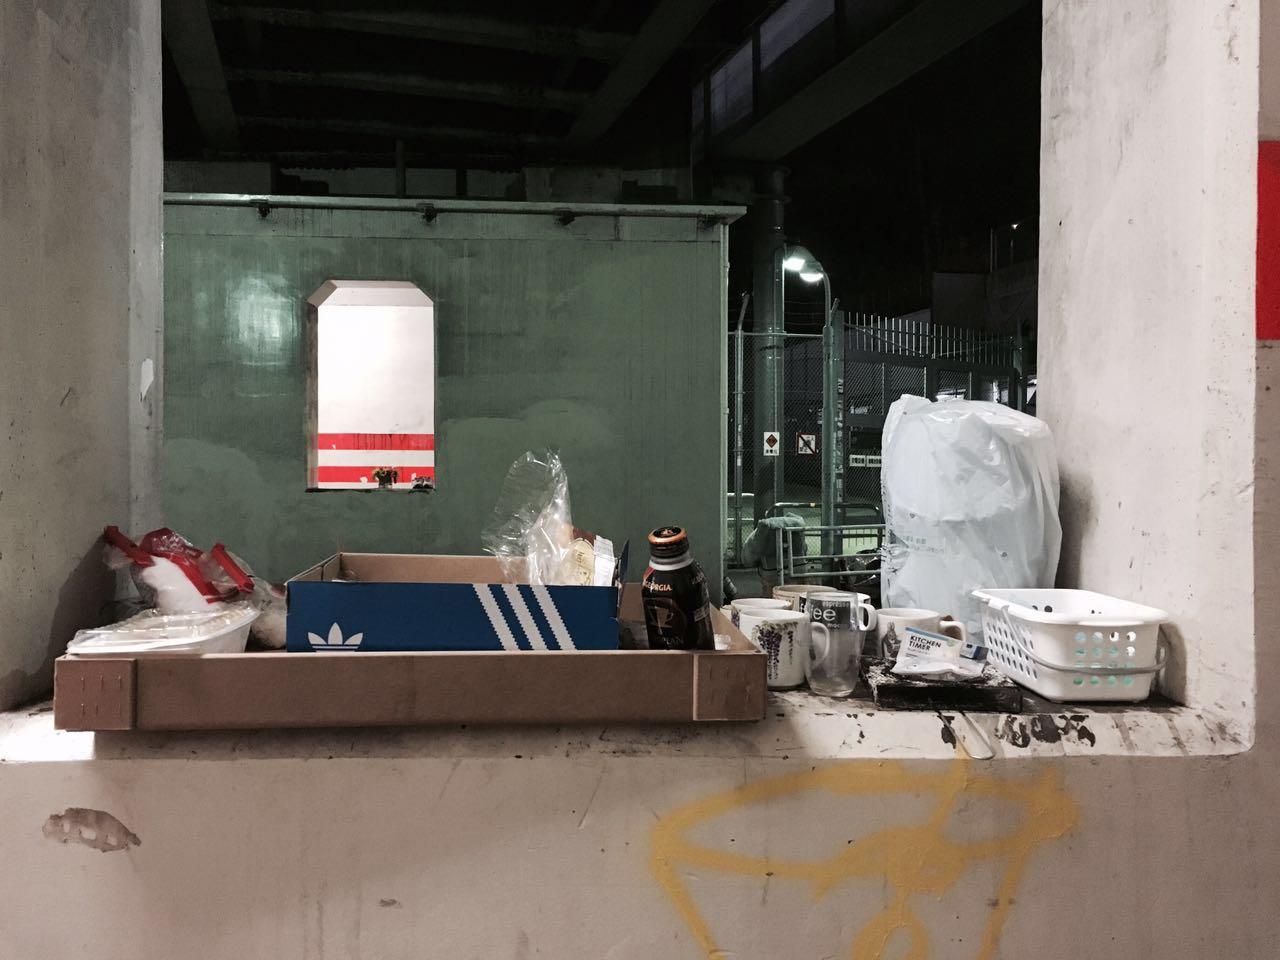 龙的照片_有钱也住桥洞、不愿接受援助 东京流浪汉的生活和你想的不一样 ...